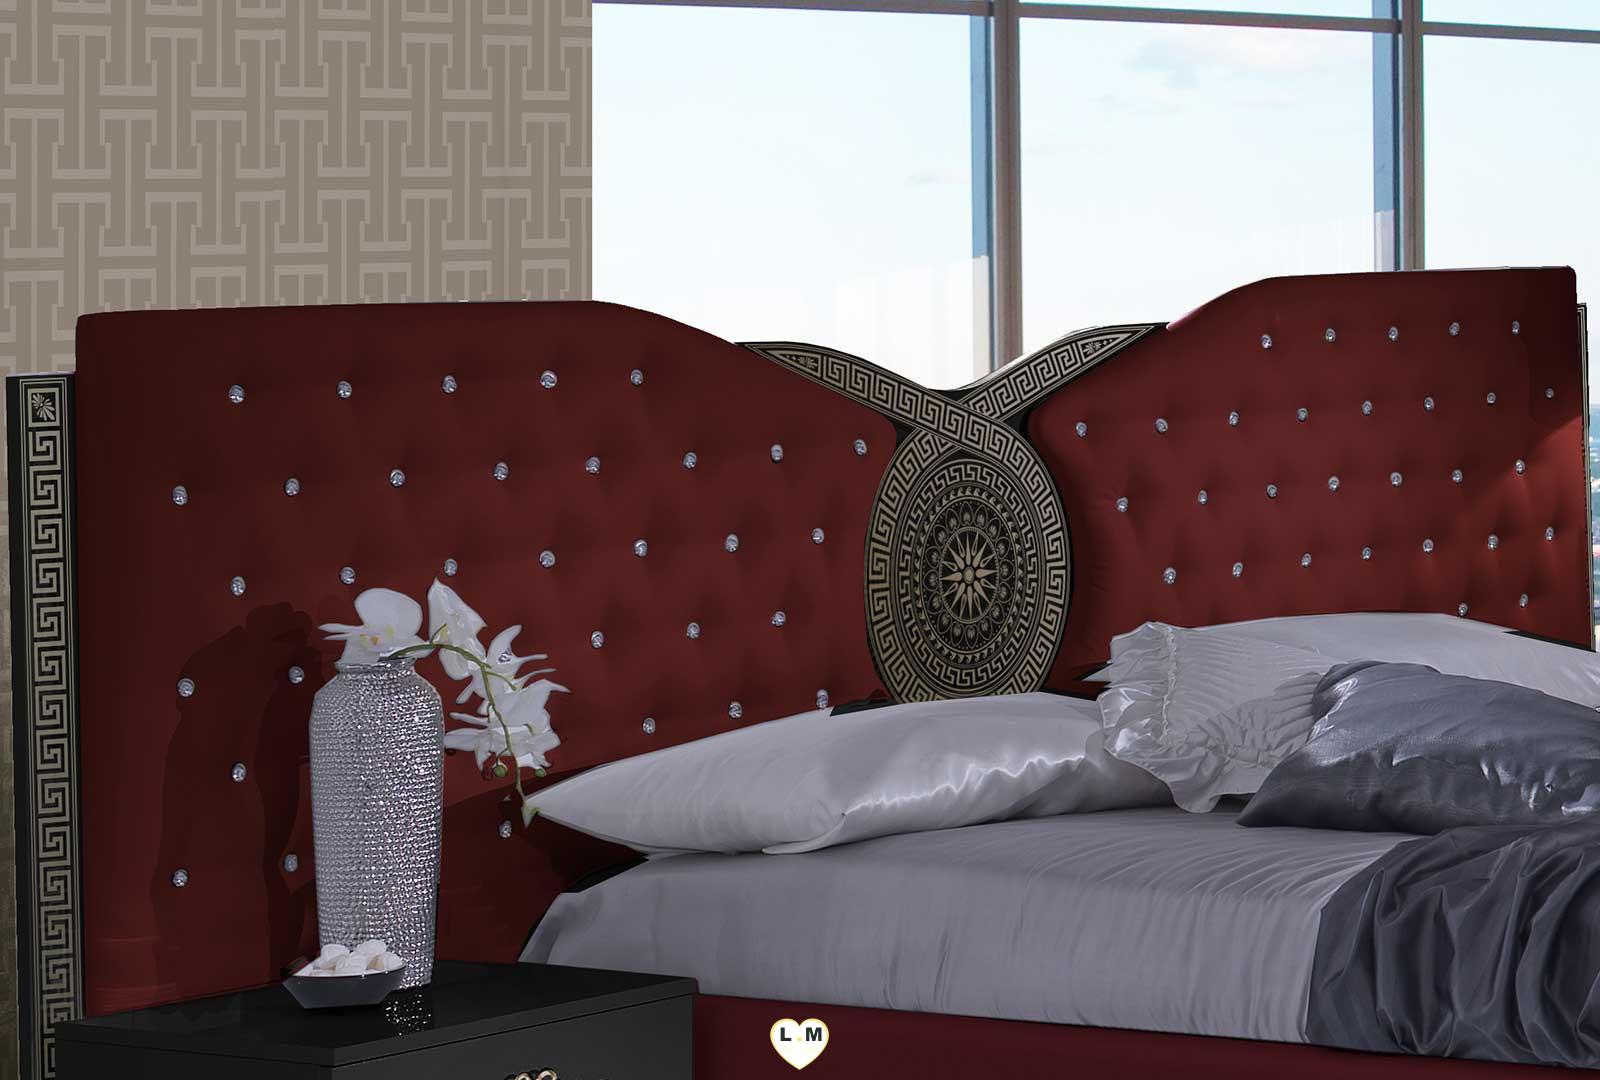 Tana bordeaux et noir chambre a coucher le lit - Chambre a coucher noir ...